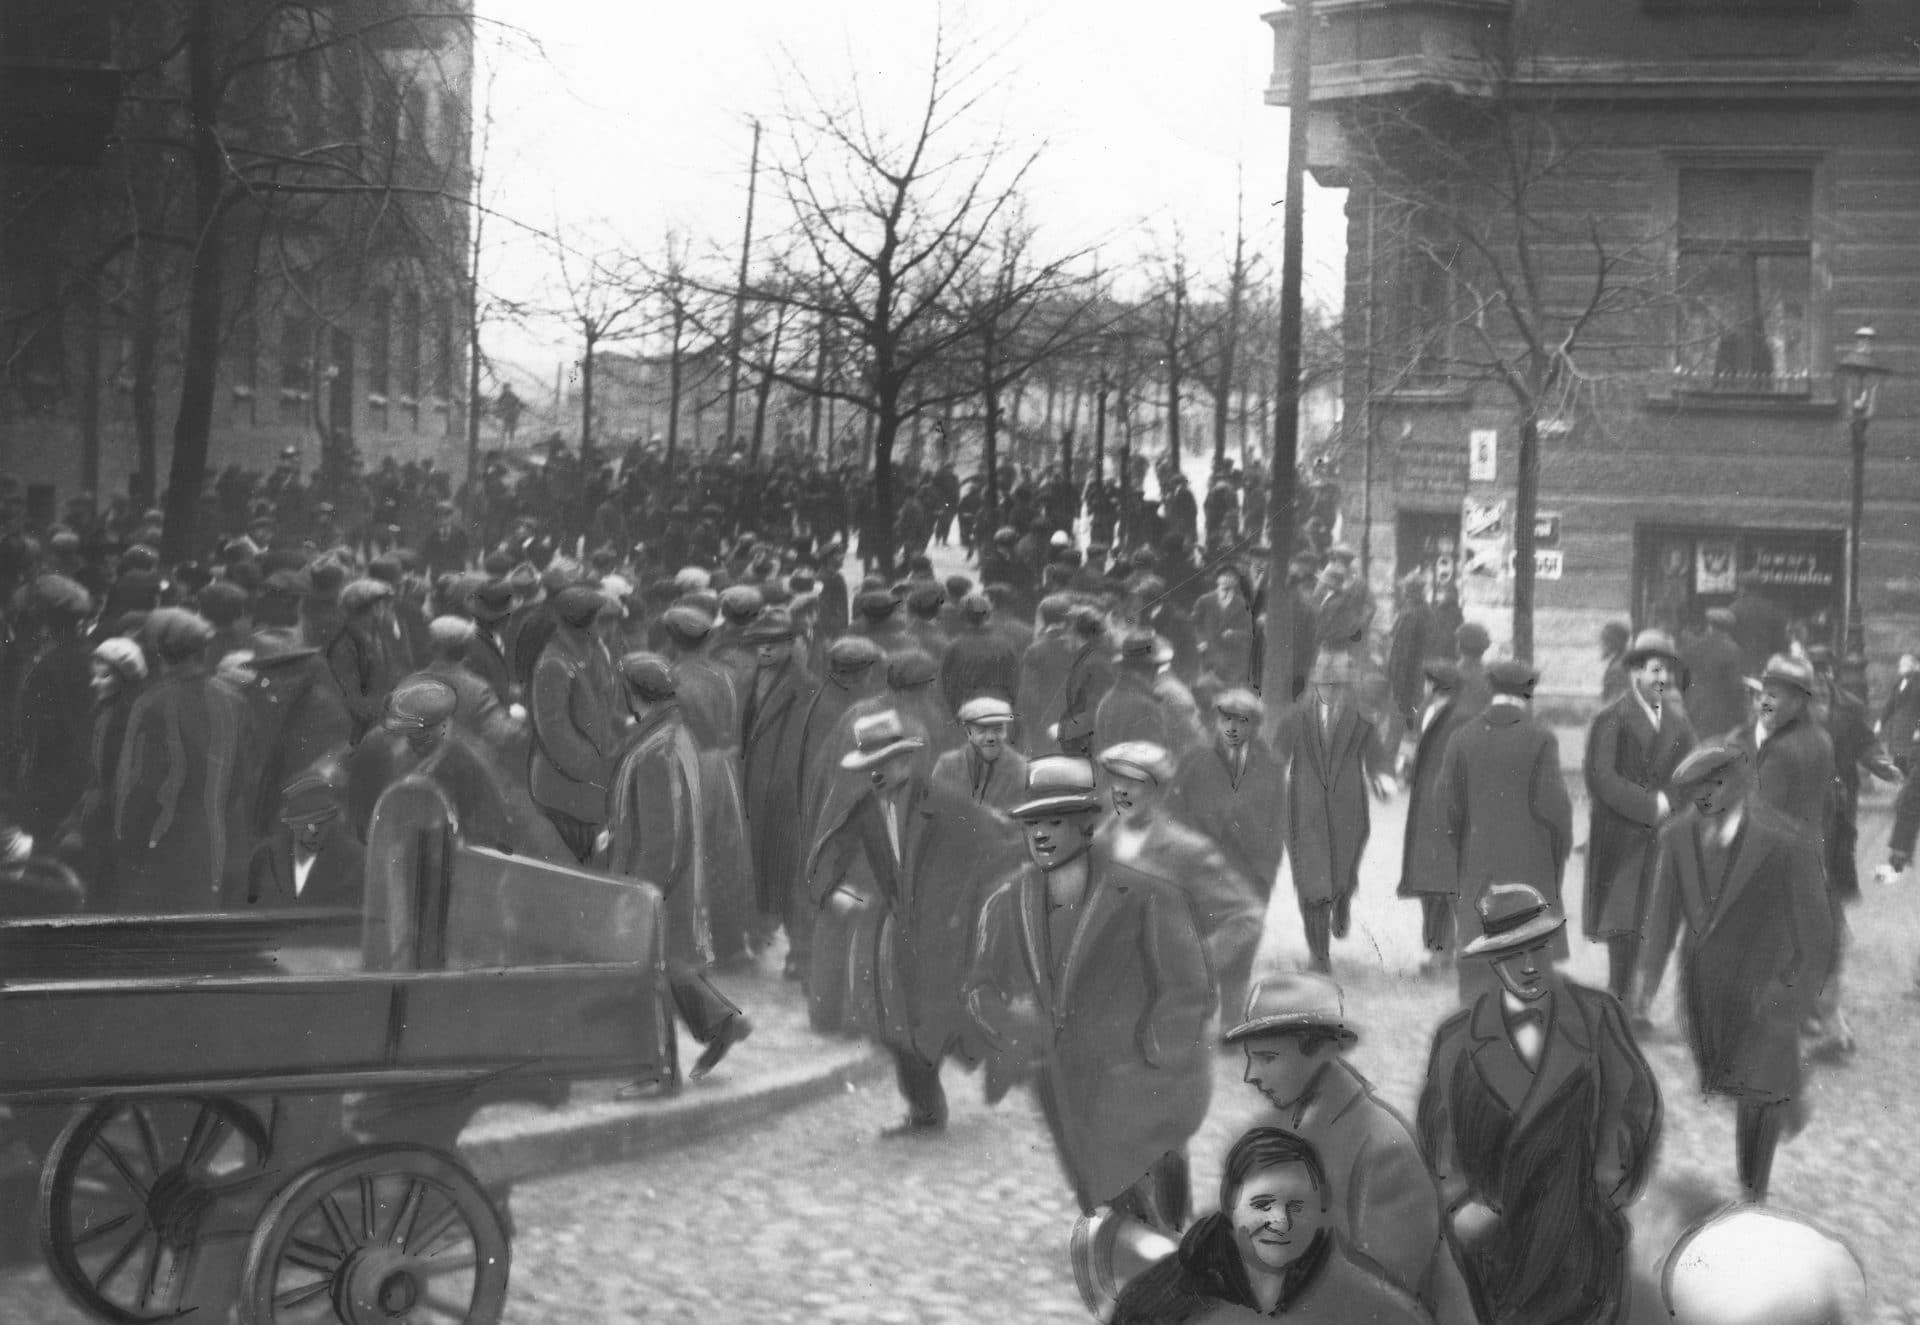 Demonstracja bezrobotnych przed Państwowym Urzędem Pośrednictwa Pracy w Poznaniu. 1934 r. Źródło: Narodowe Archiwum Cyfrowe.